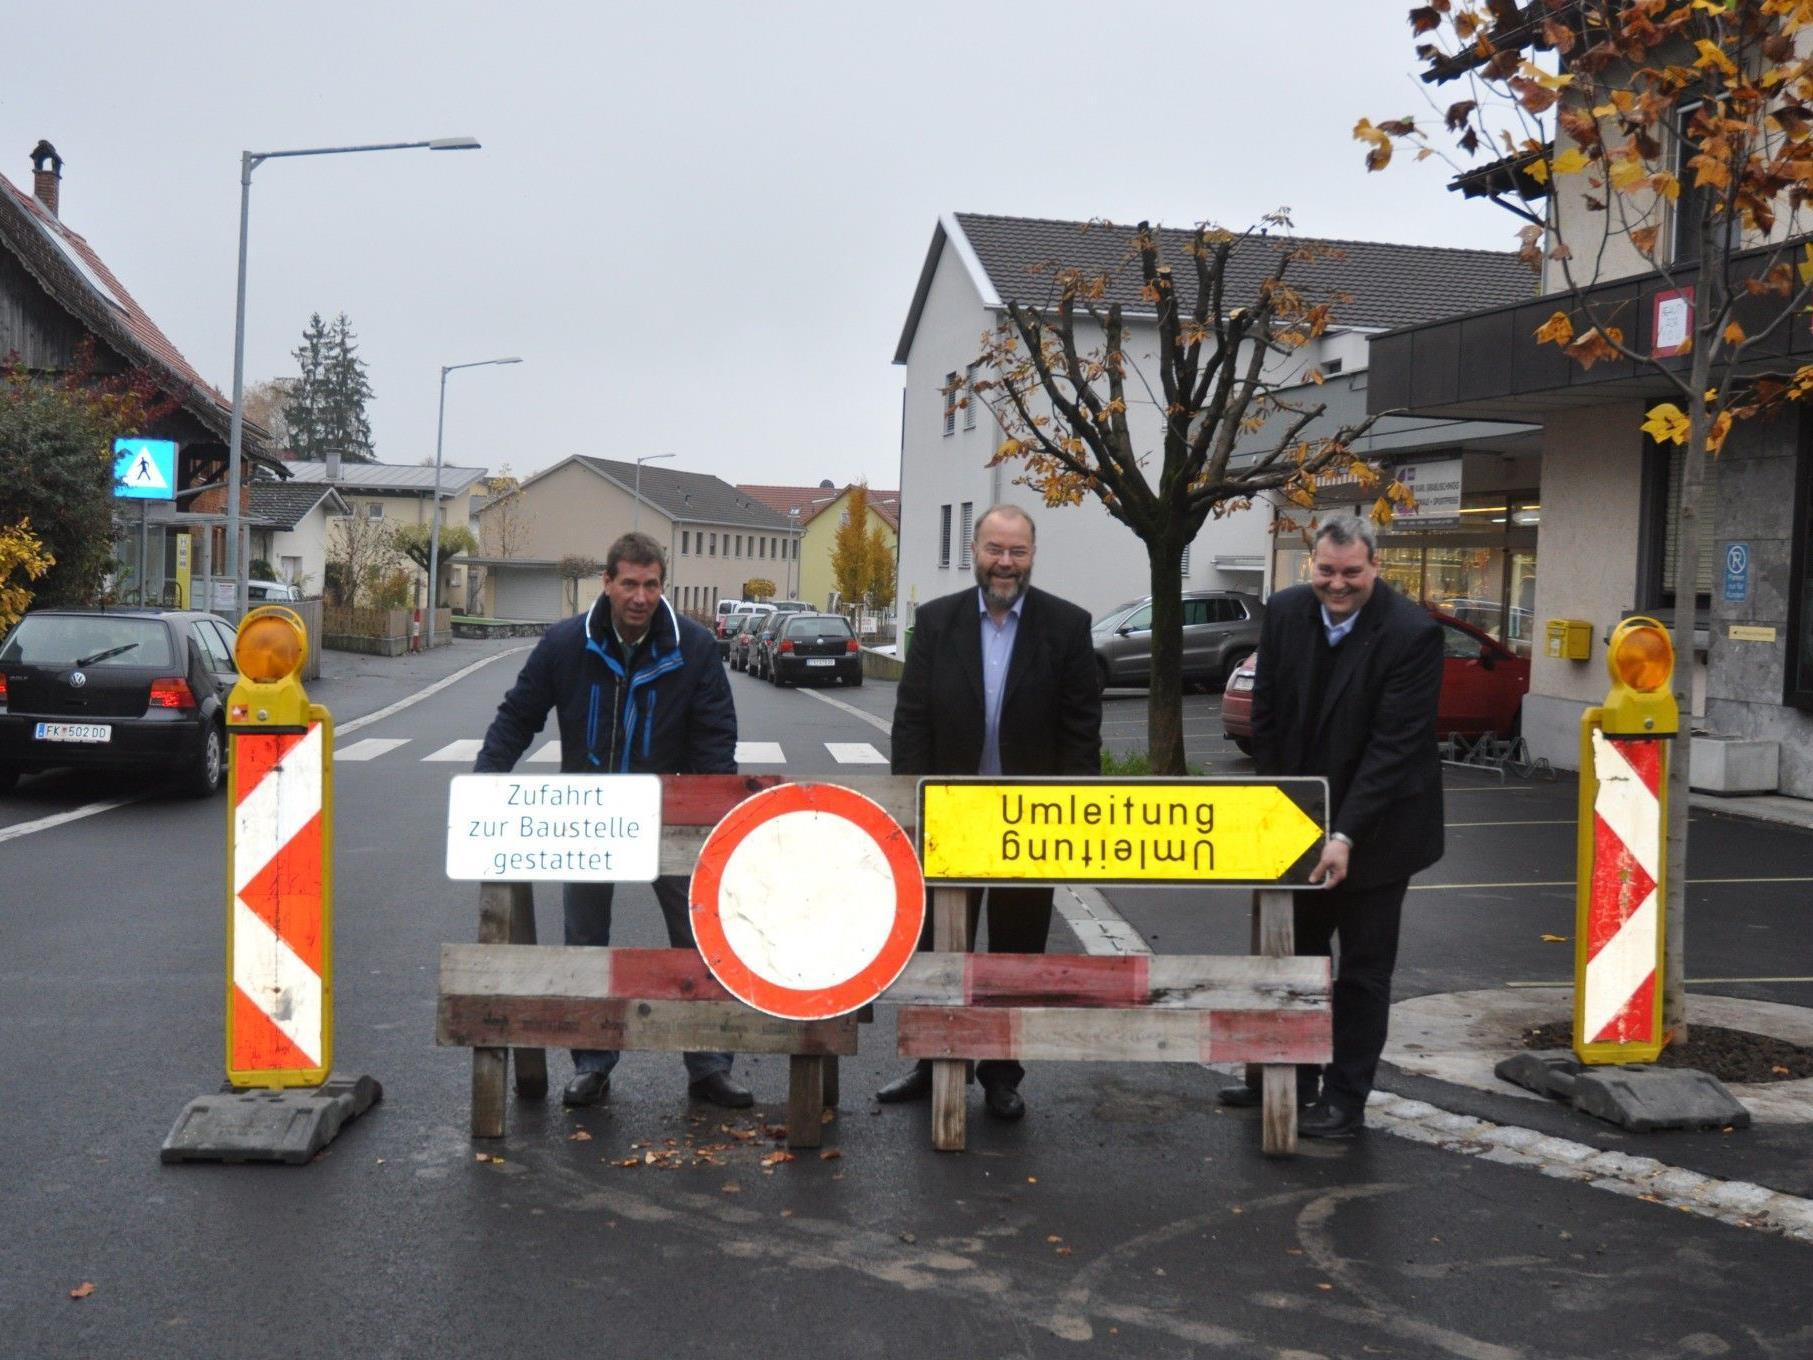 Ab kommendem Wochenende ist die Walgaustrasse wieder befahrbar. Bauamtsleiter Robert Freek, Bürgermeister Werner Müller und Vize-Bürgermeister Labg. Gert Wiesenegger geben die Strasse für den Verkehr frei.